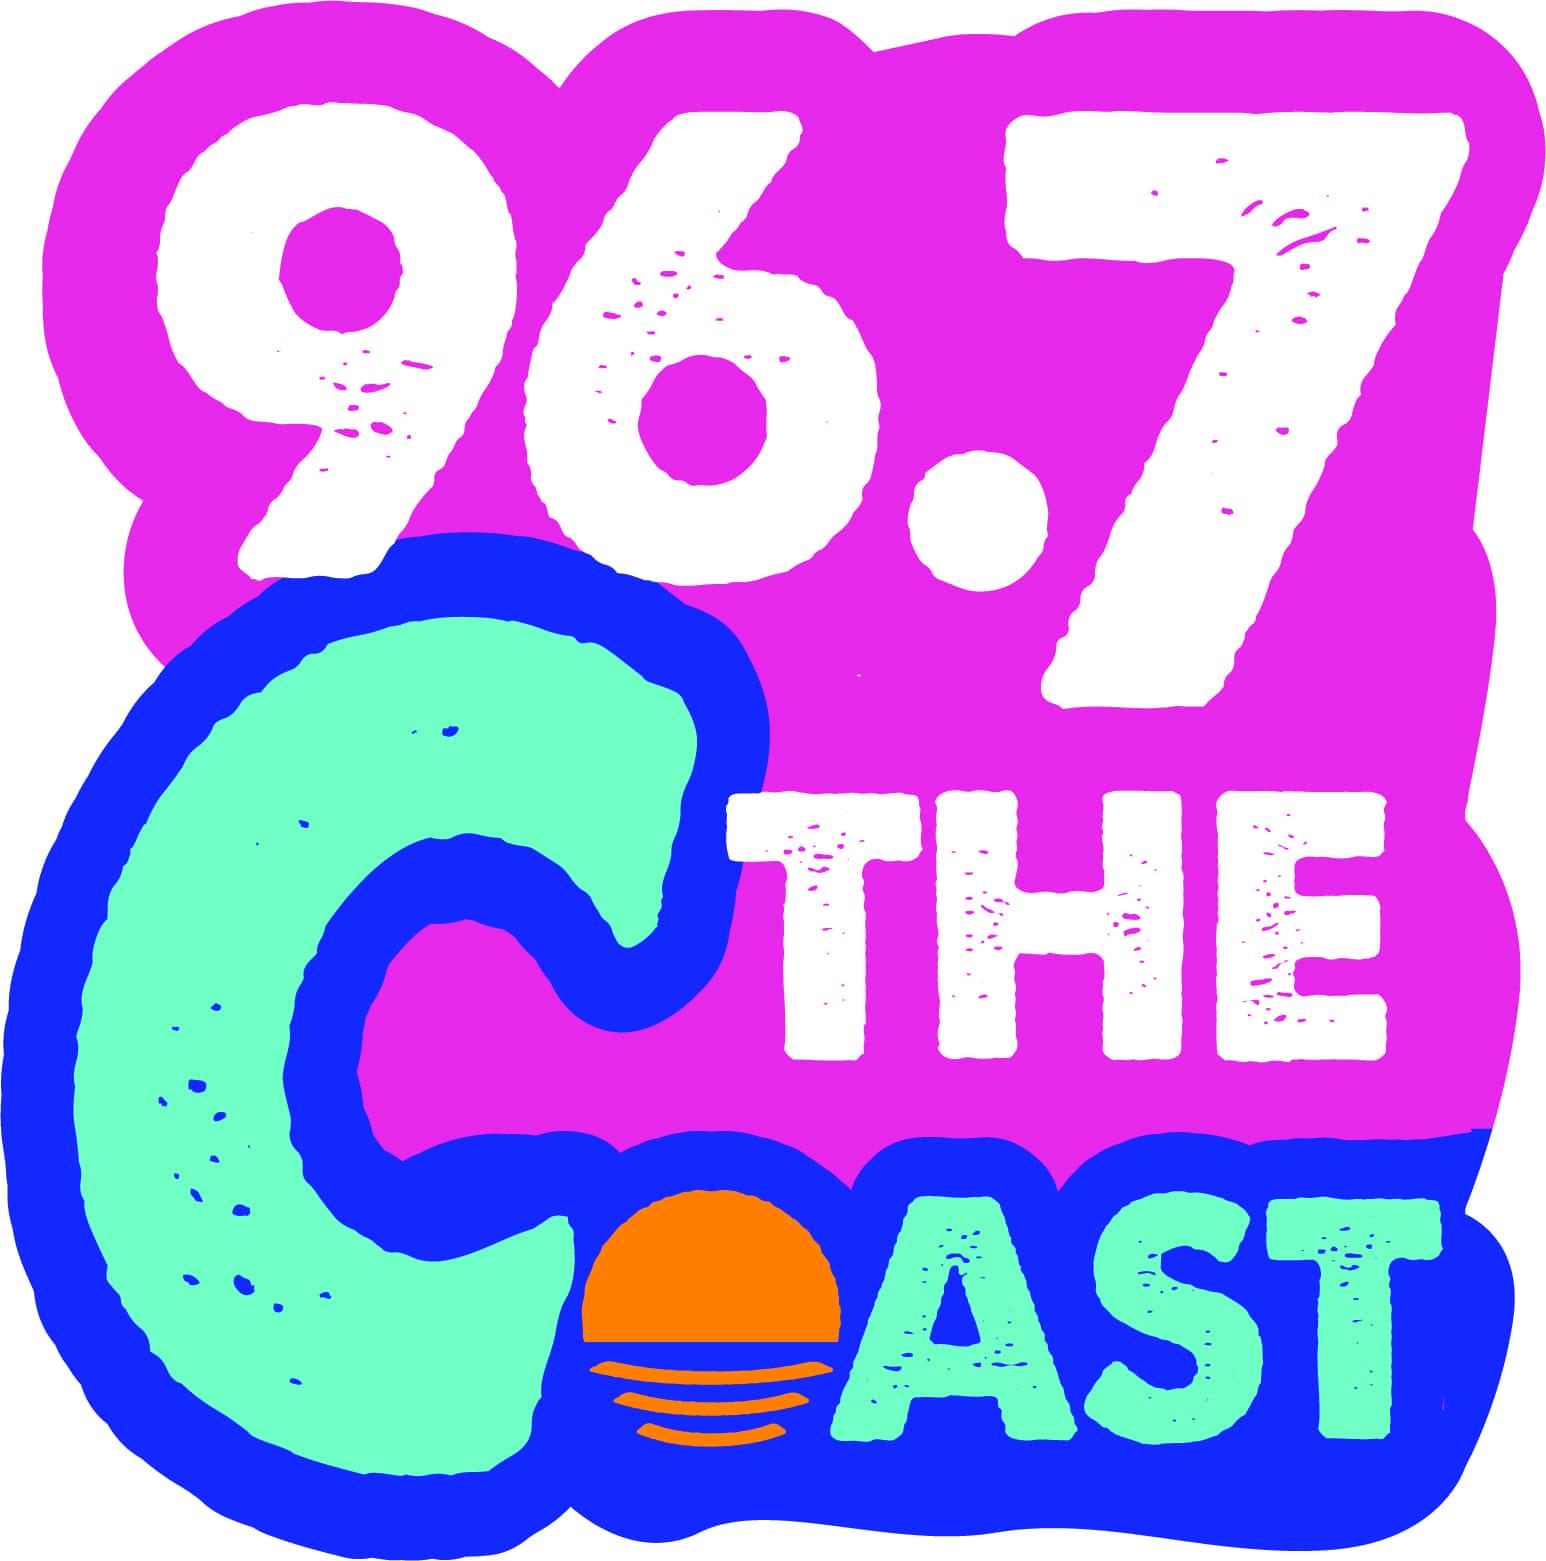 96.7-The-Coast